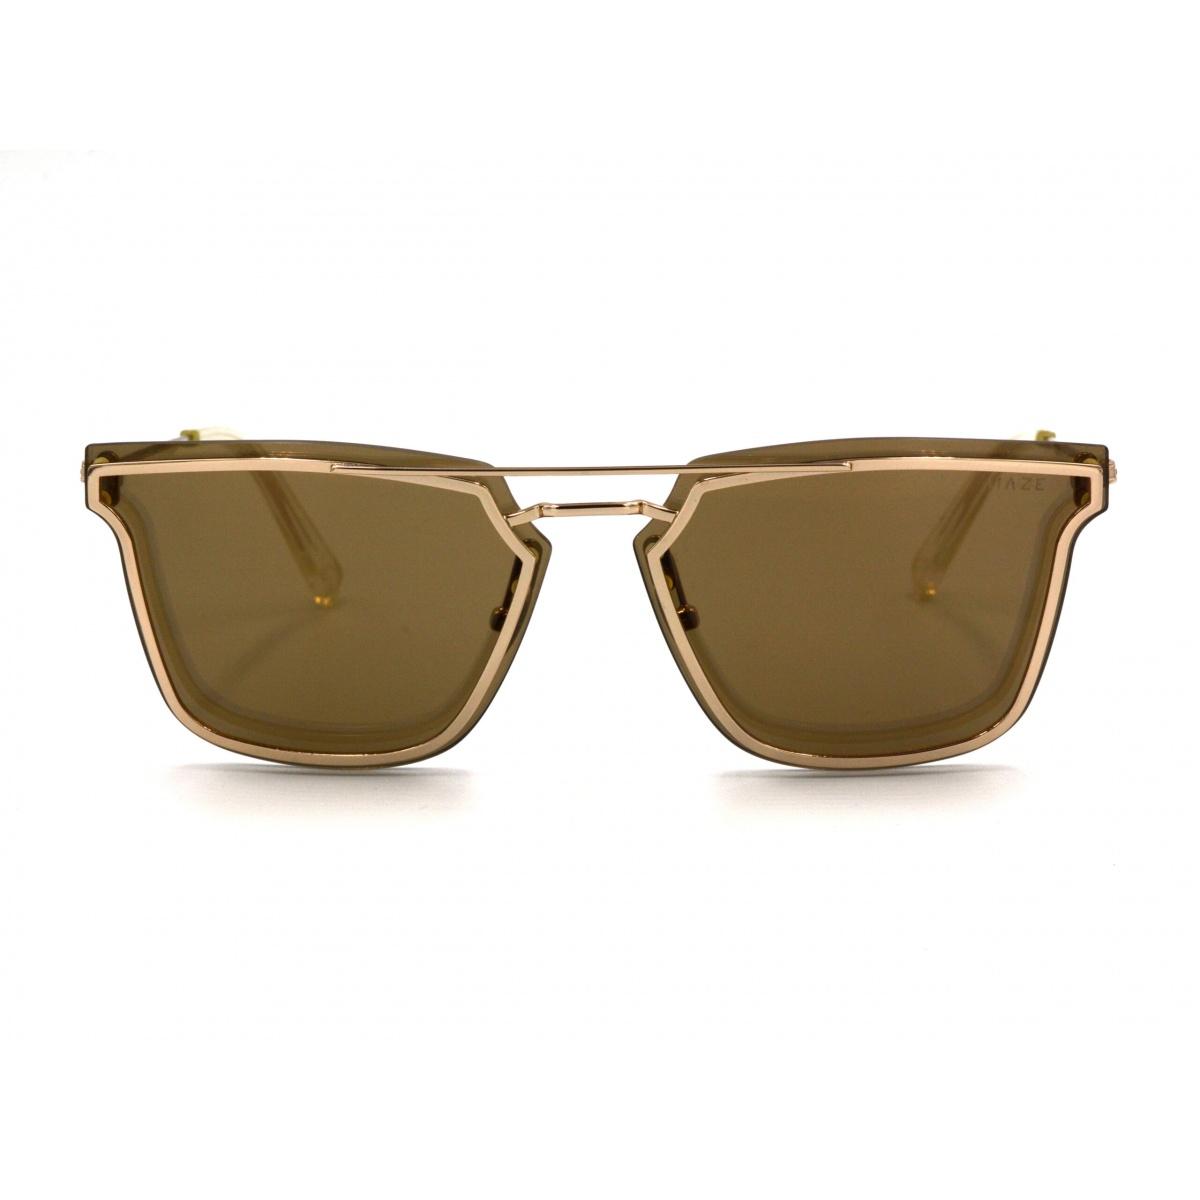 Γυαλιά ηλίου HAZE COLLECTION BOND GLC 67-11-145